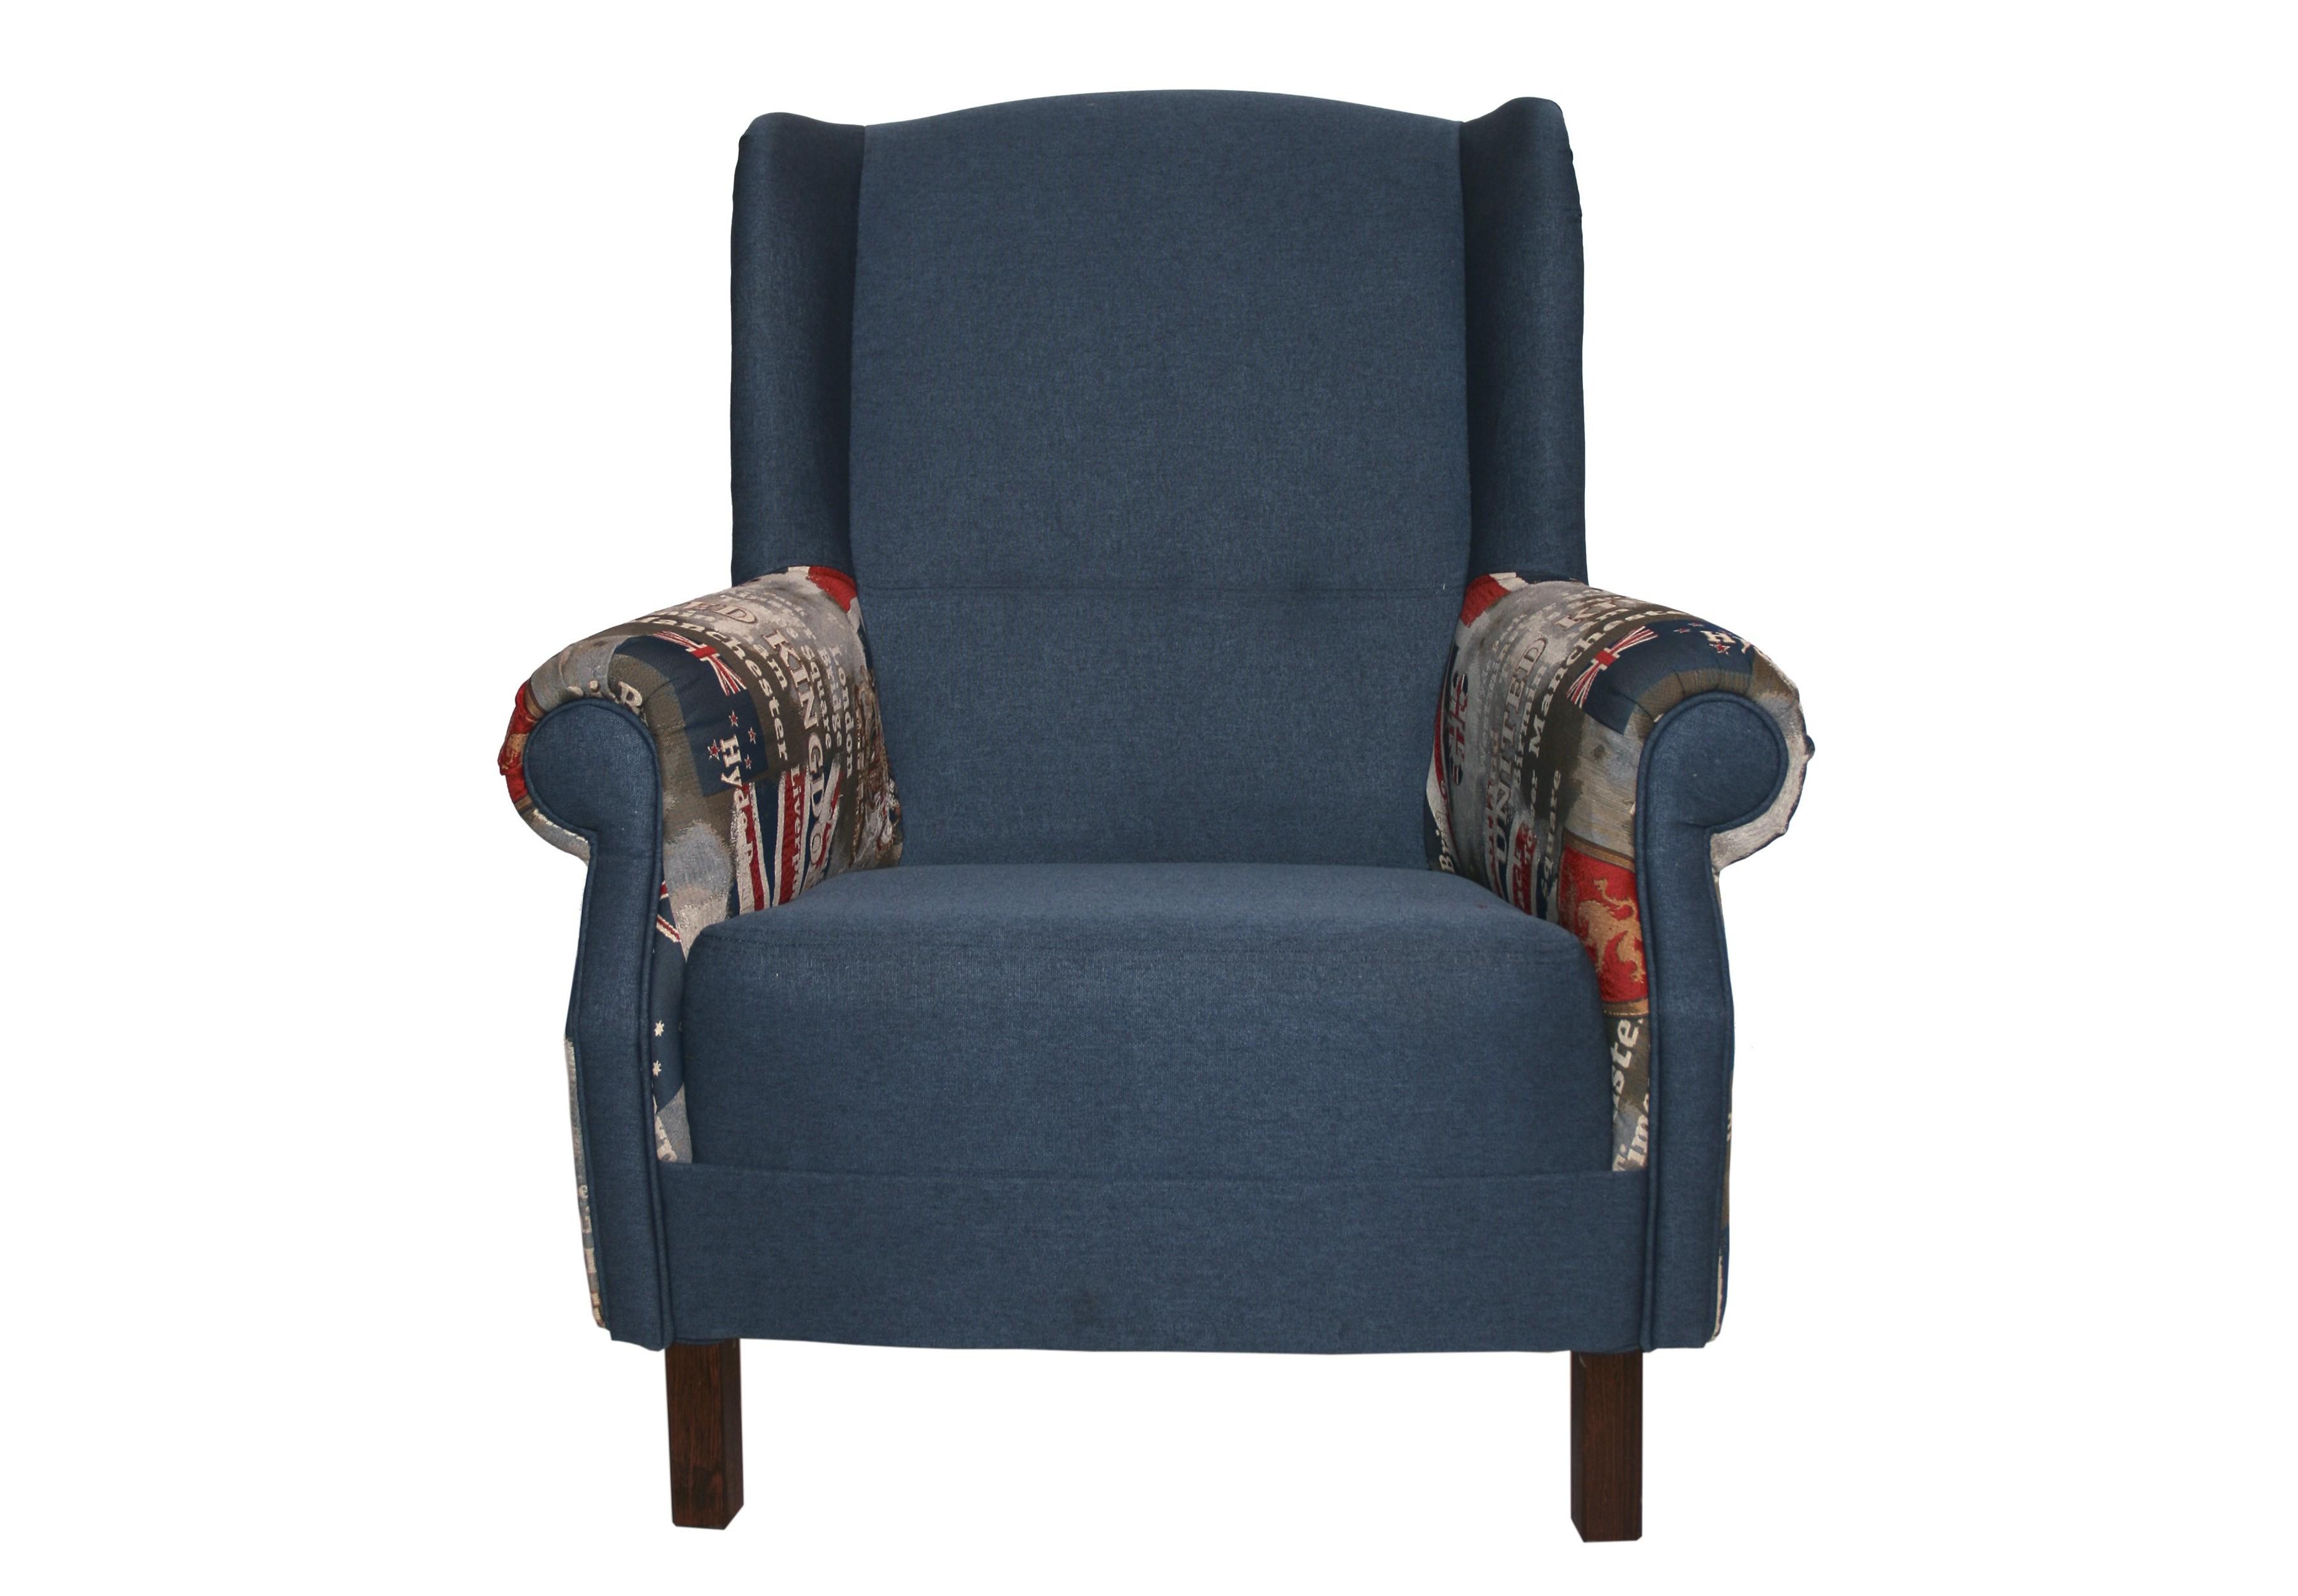 Кресло БританикаИнтерьерные кресла<br>Кресло &amp;quot;Британика&amp;quot; для интерьера в колониальном стиле или в стиле Лофт.&amp;lt;div&amp;gt;Материал: каркас из массива бука, пружинный, ткань - 100% хлопок.&amp;lt;br&amp;gt;&amp;lt;/div&amp;gt;<br><br>Material: Текстиль<br>Ширина см: 87.0<br>Высота см: 100.0<br>Глубина см: 88.0